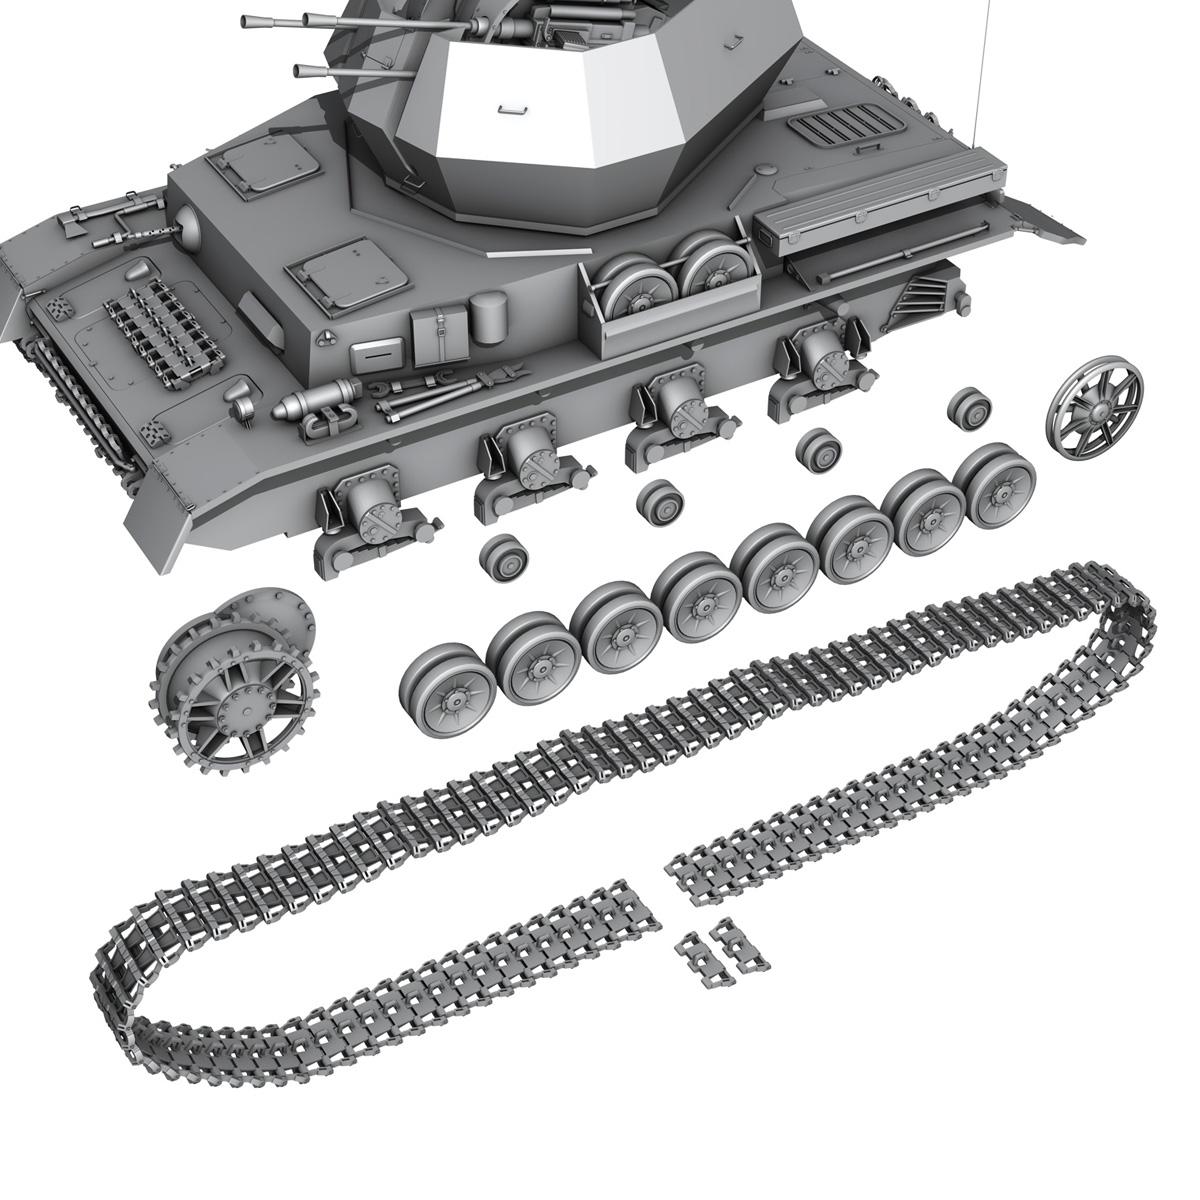 flakpanzer 4 - wirbelwind 3d model 3ds fbx c4d lwo obj 190392